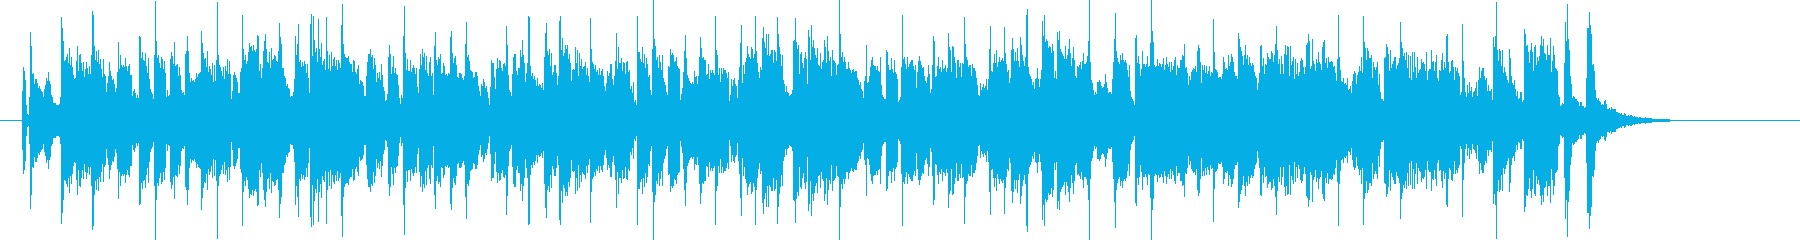 ゆったりとしたテンションの上がる音楽の再生済みの波形